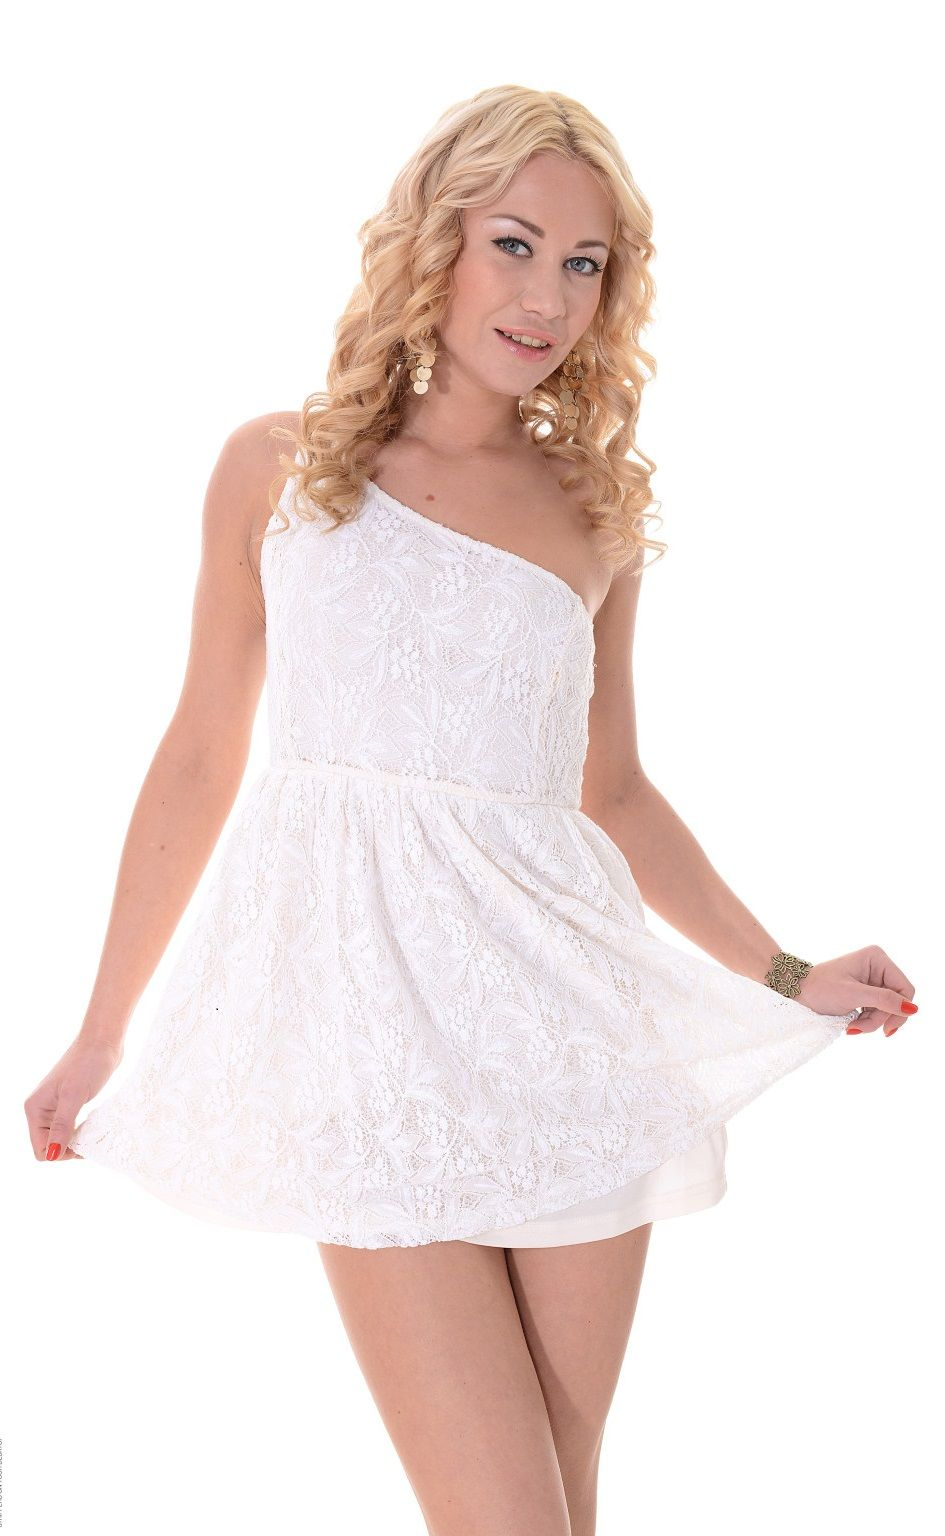 lindsey olsen | girls in dresses and skirts | pinterest | olsen